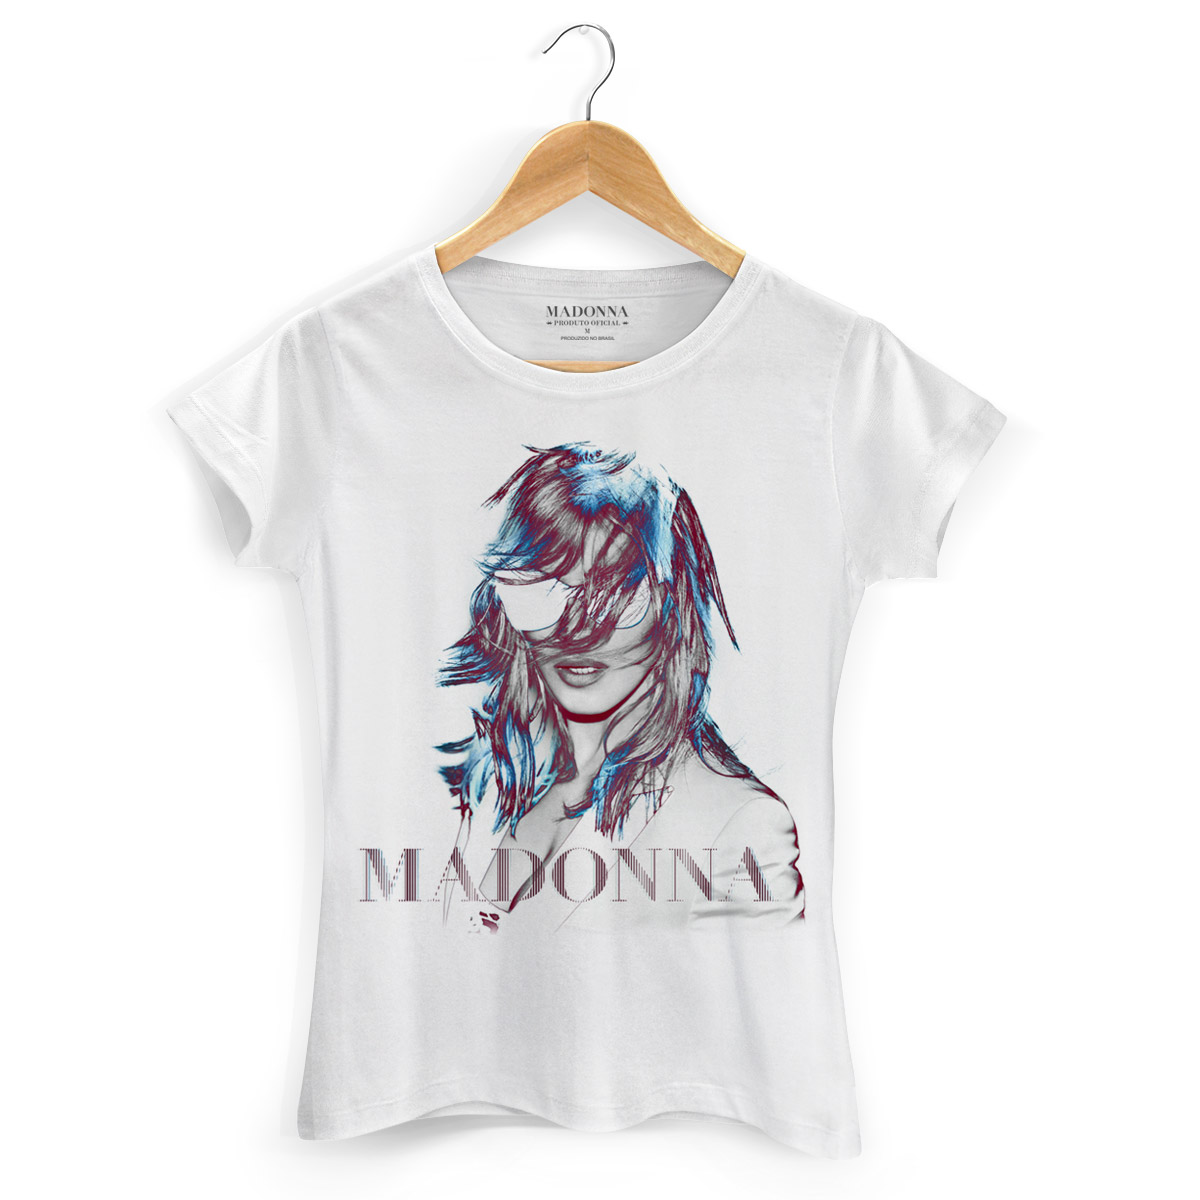 Camiseta Feminina Madonna MDNA Tour Graphic